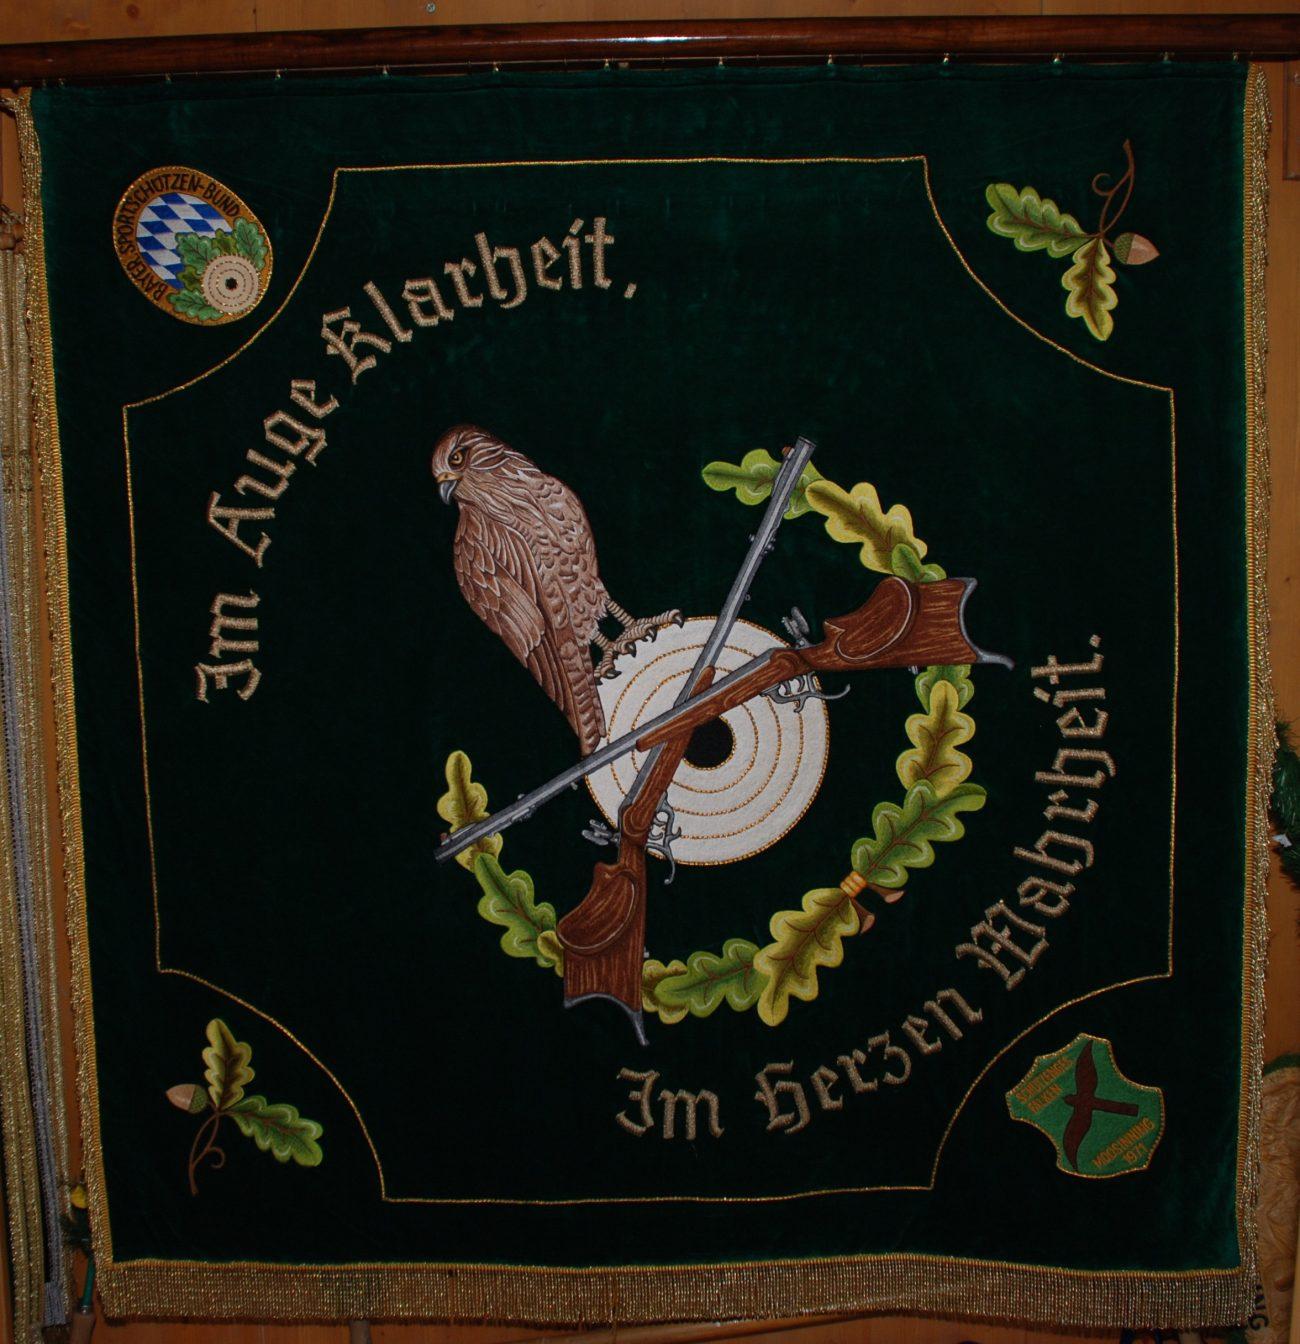 SG Die Falken Moosinning e.V.